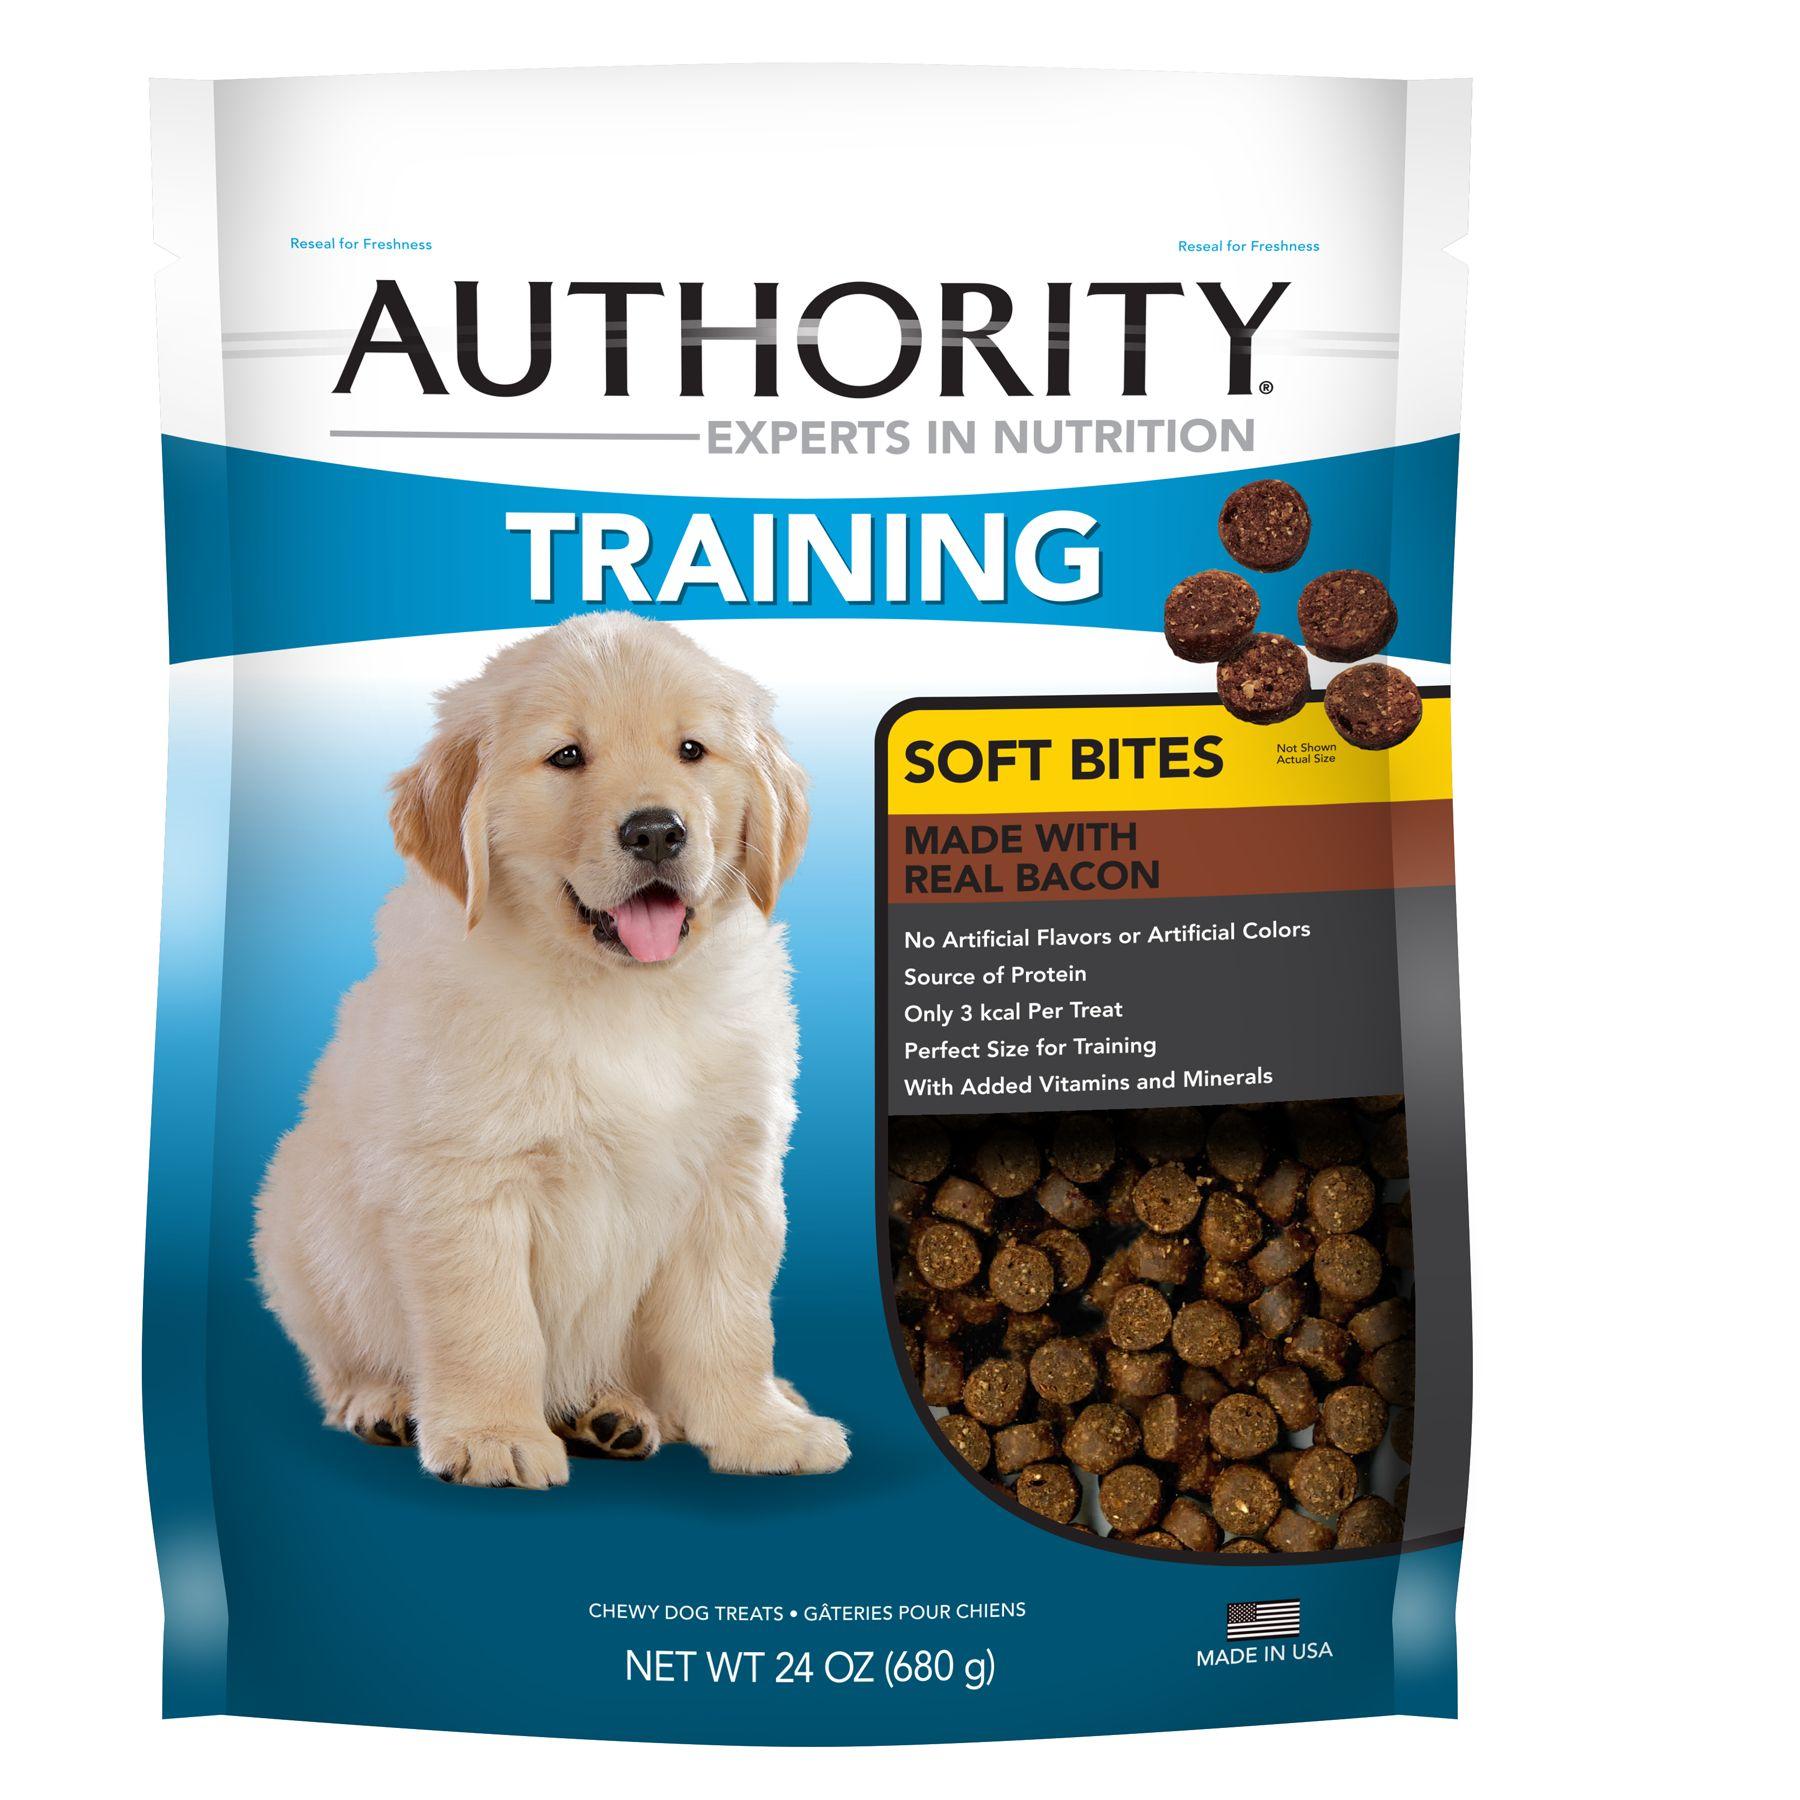 Authority Training Soft Bites Dog Treat - Bacon size: 24 Oz 5248978